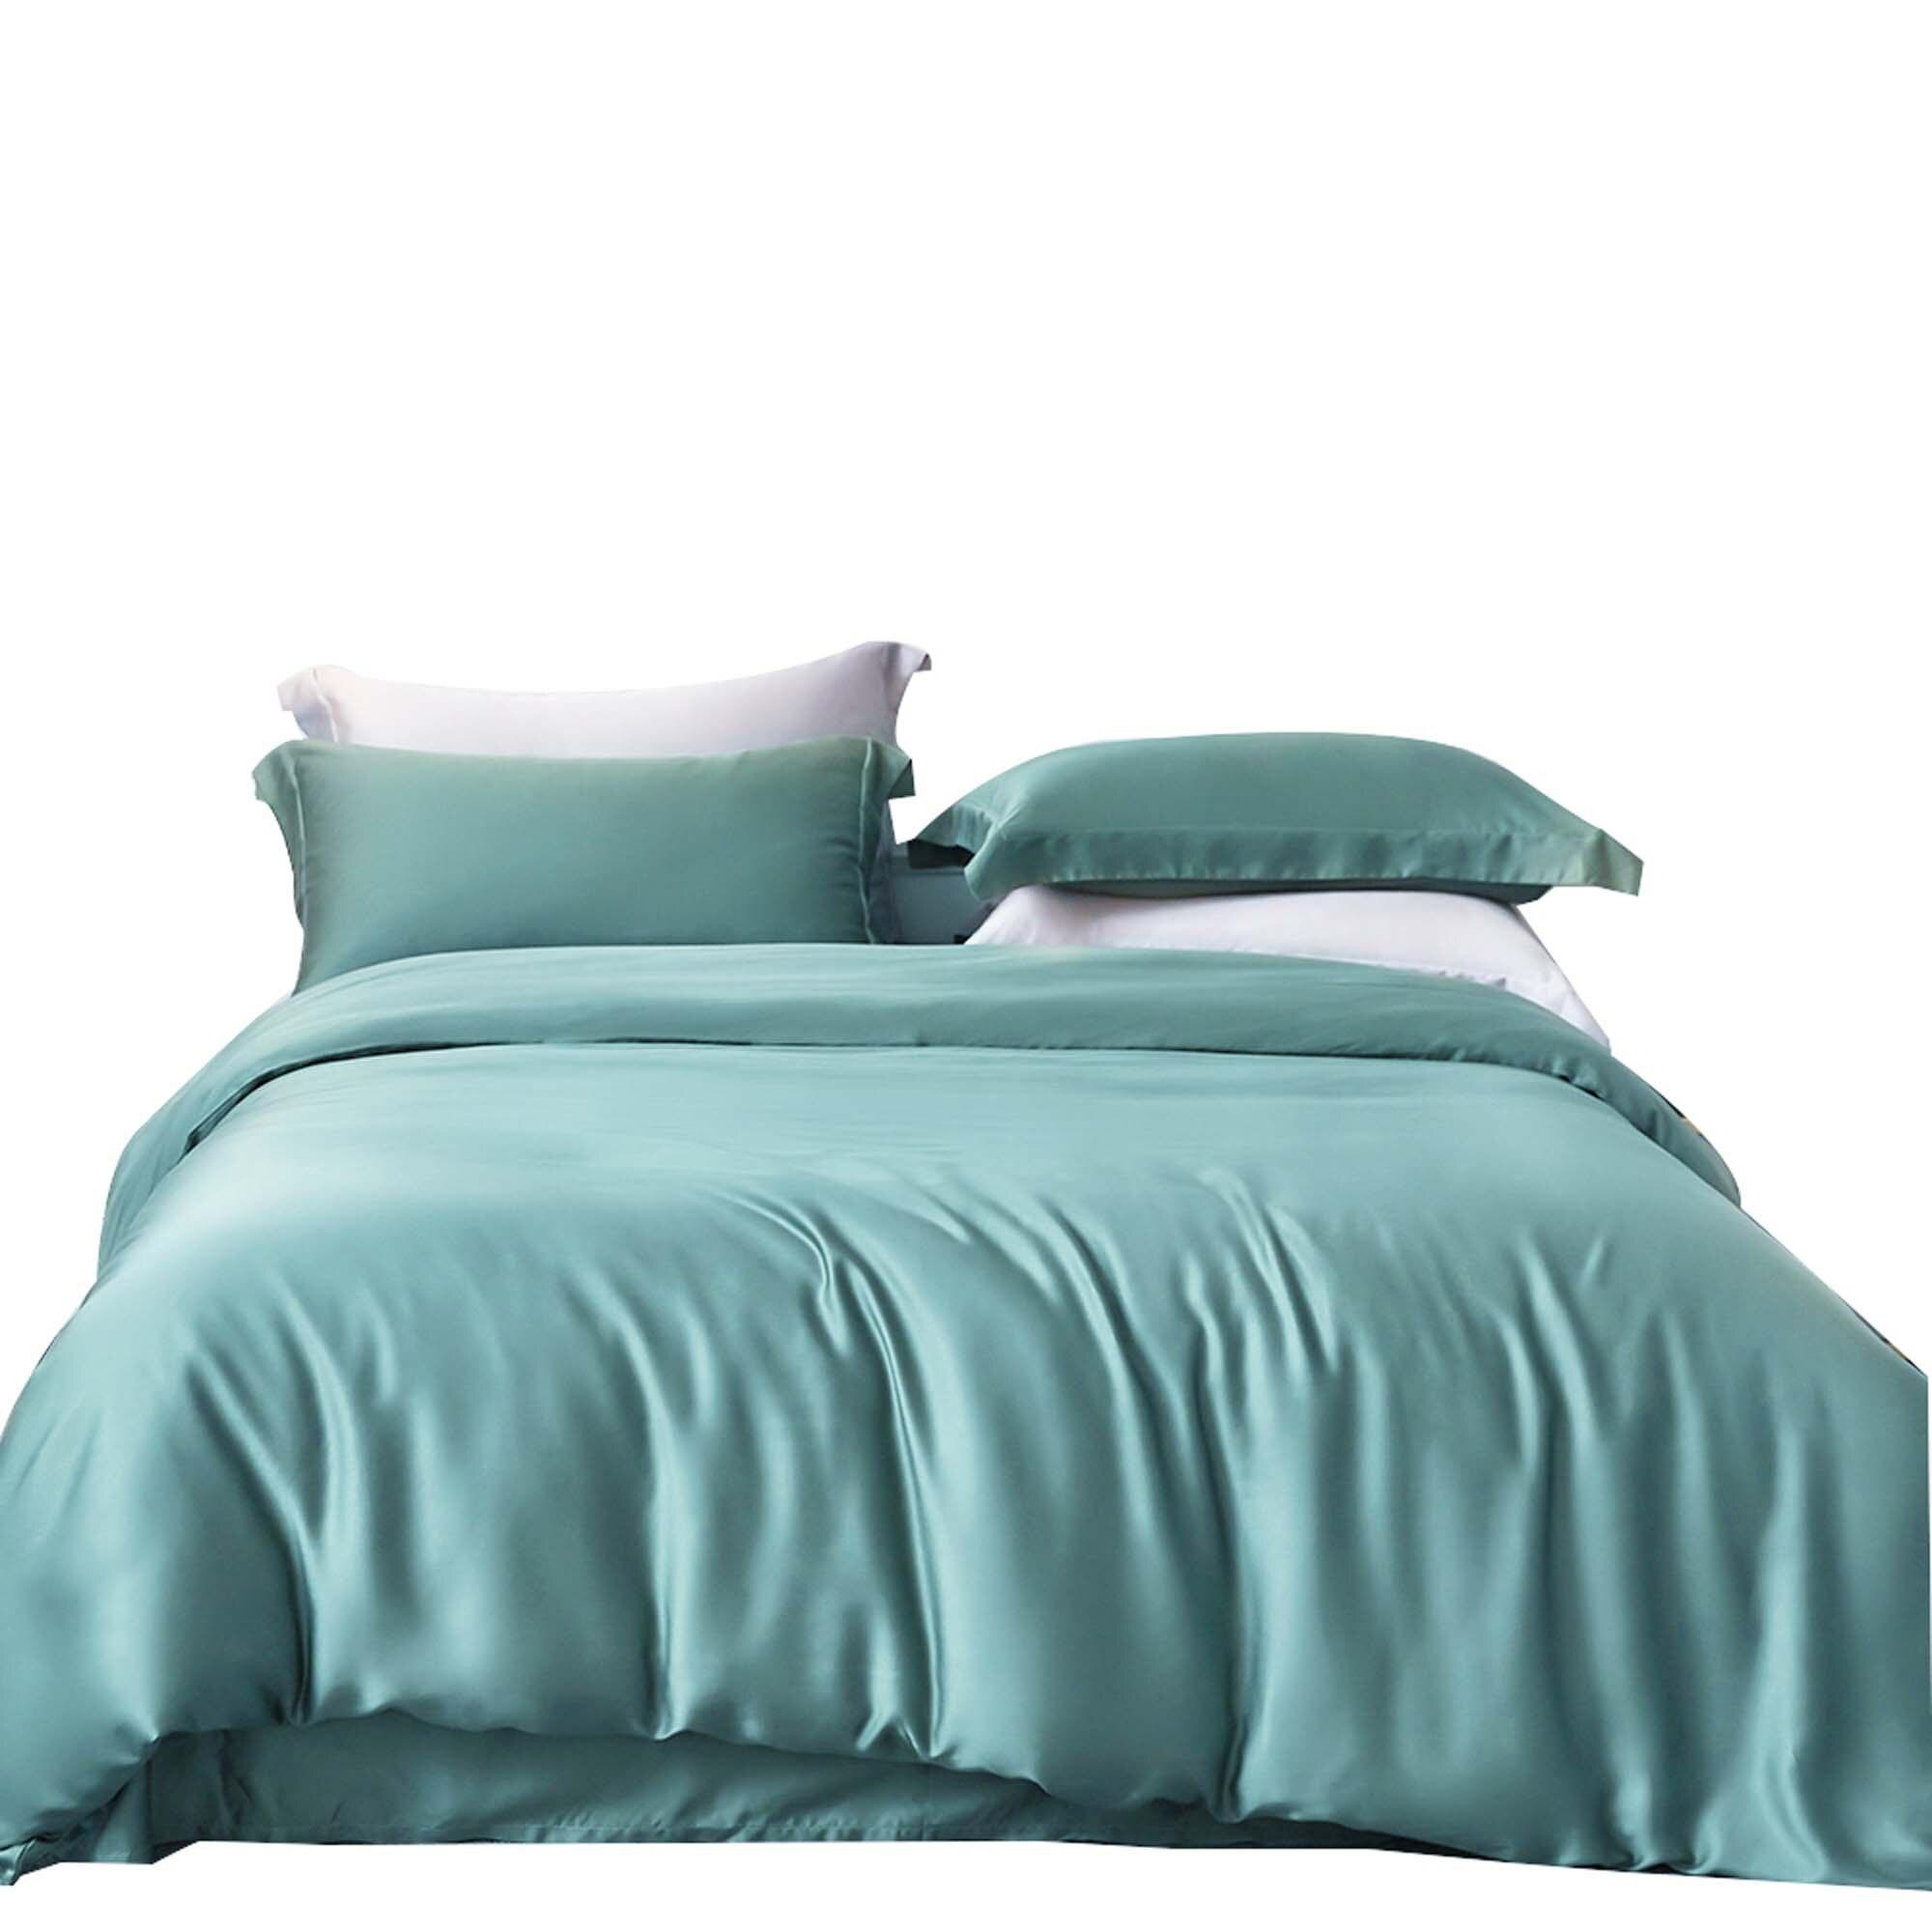 Комплект постельного белья из 3 предметов, Роскошный домашний текстиль, серое одеяло, пододеяльник, двуспальная кровать|Комплекты постельного белья| | АлиЭкспресс